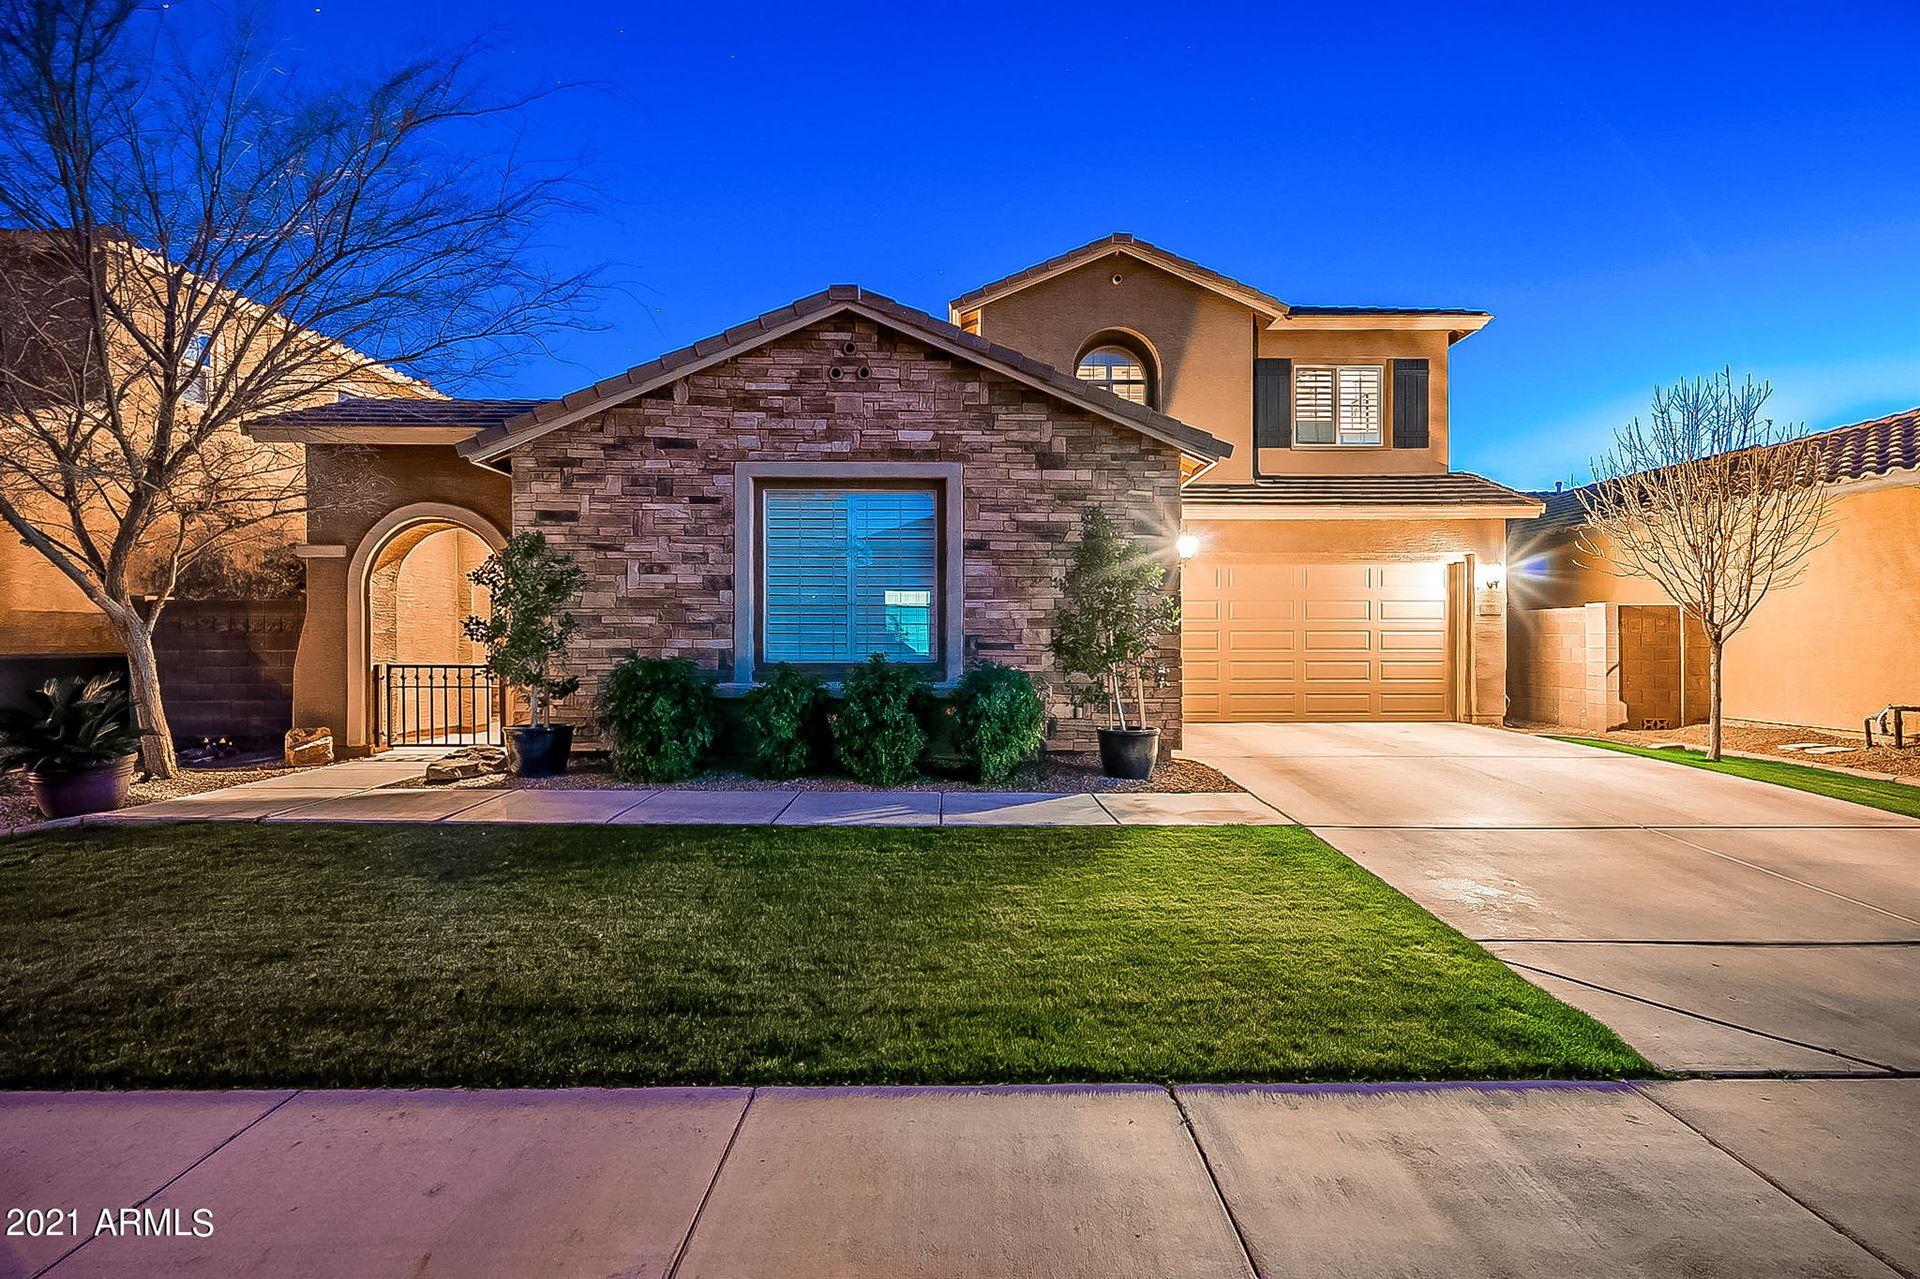 2815 E HONEYSUCKLE Place, Chandler, AZ 85286 - MLS#: 6201471